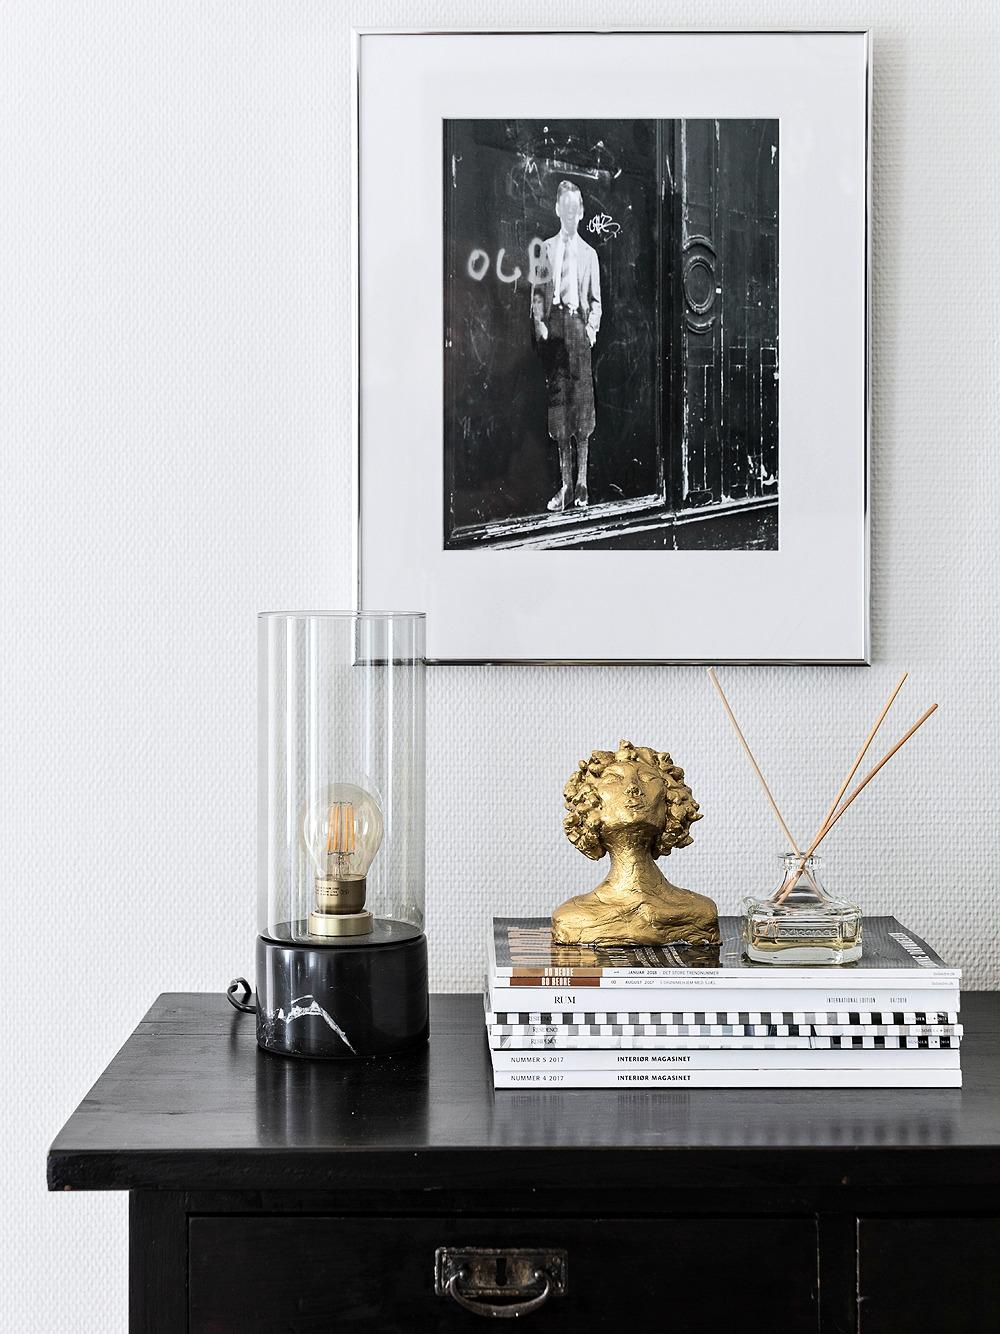 diy, sisustus, patsas, kulta, Visualaddict, valokuvaaja, Frida Steiner, Kiss of life, olohuone, sisustaminen